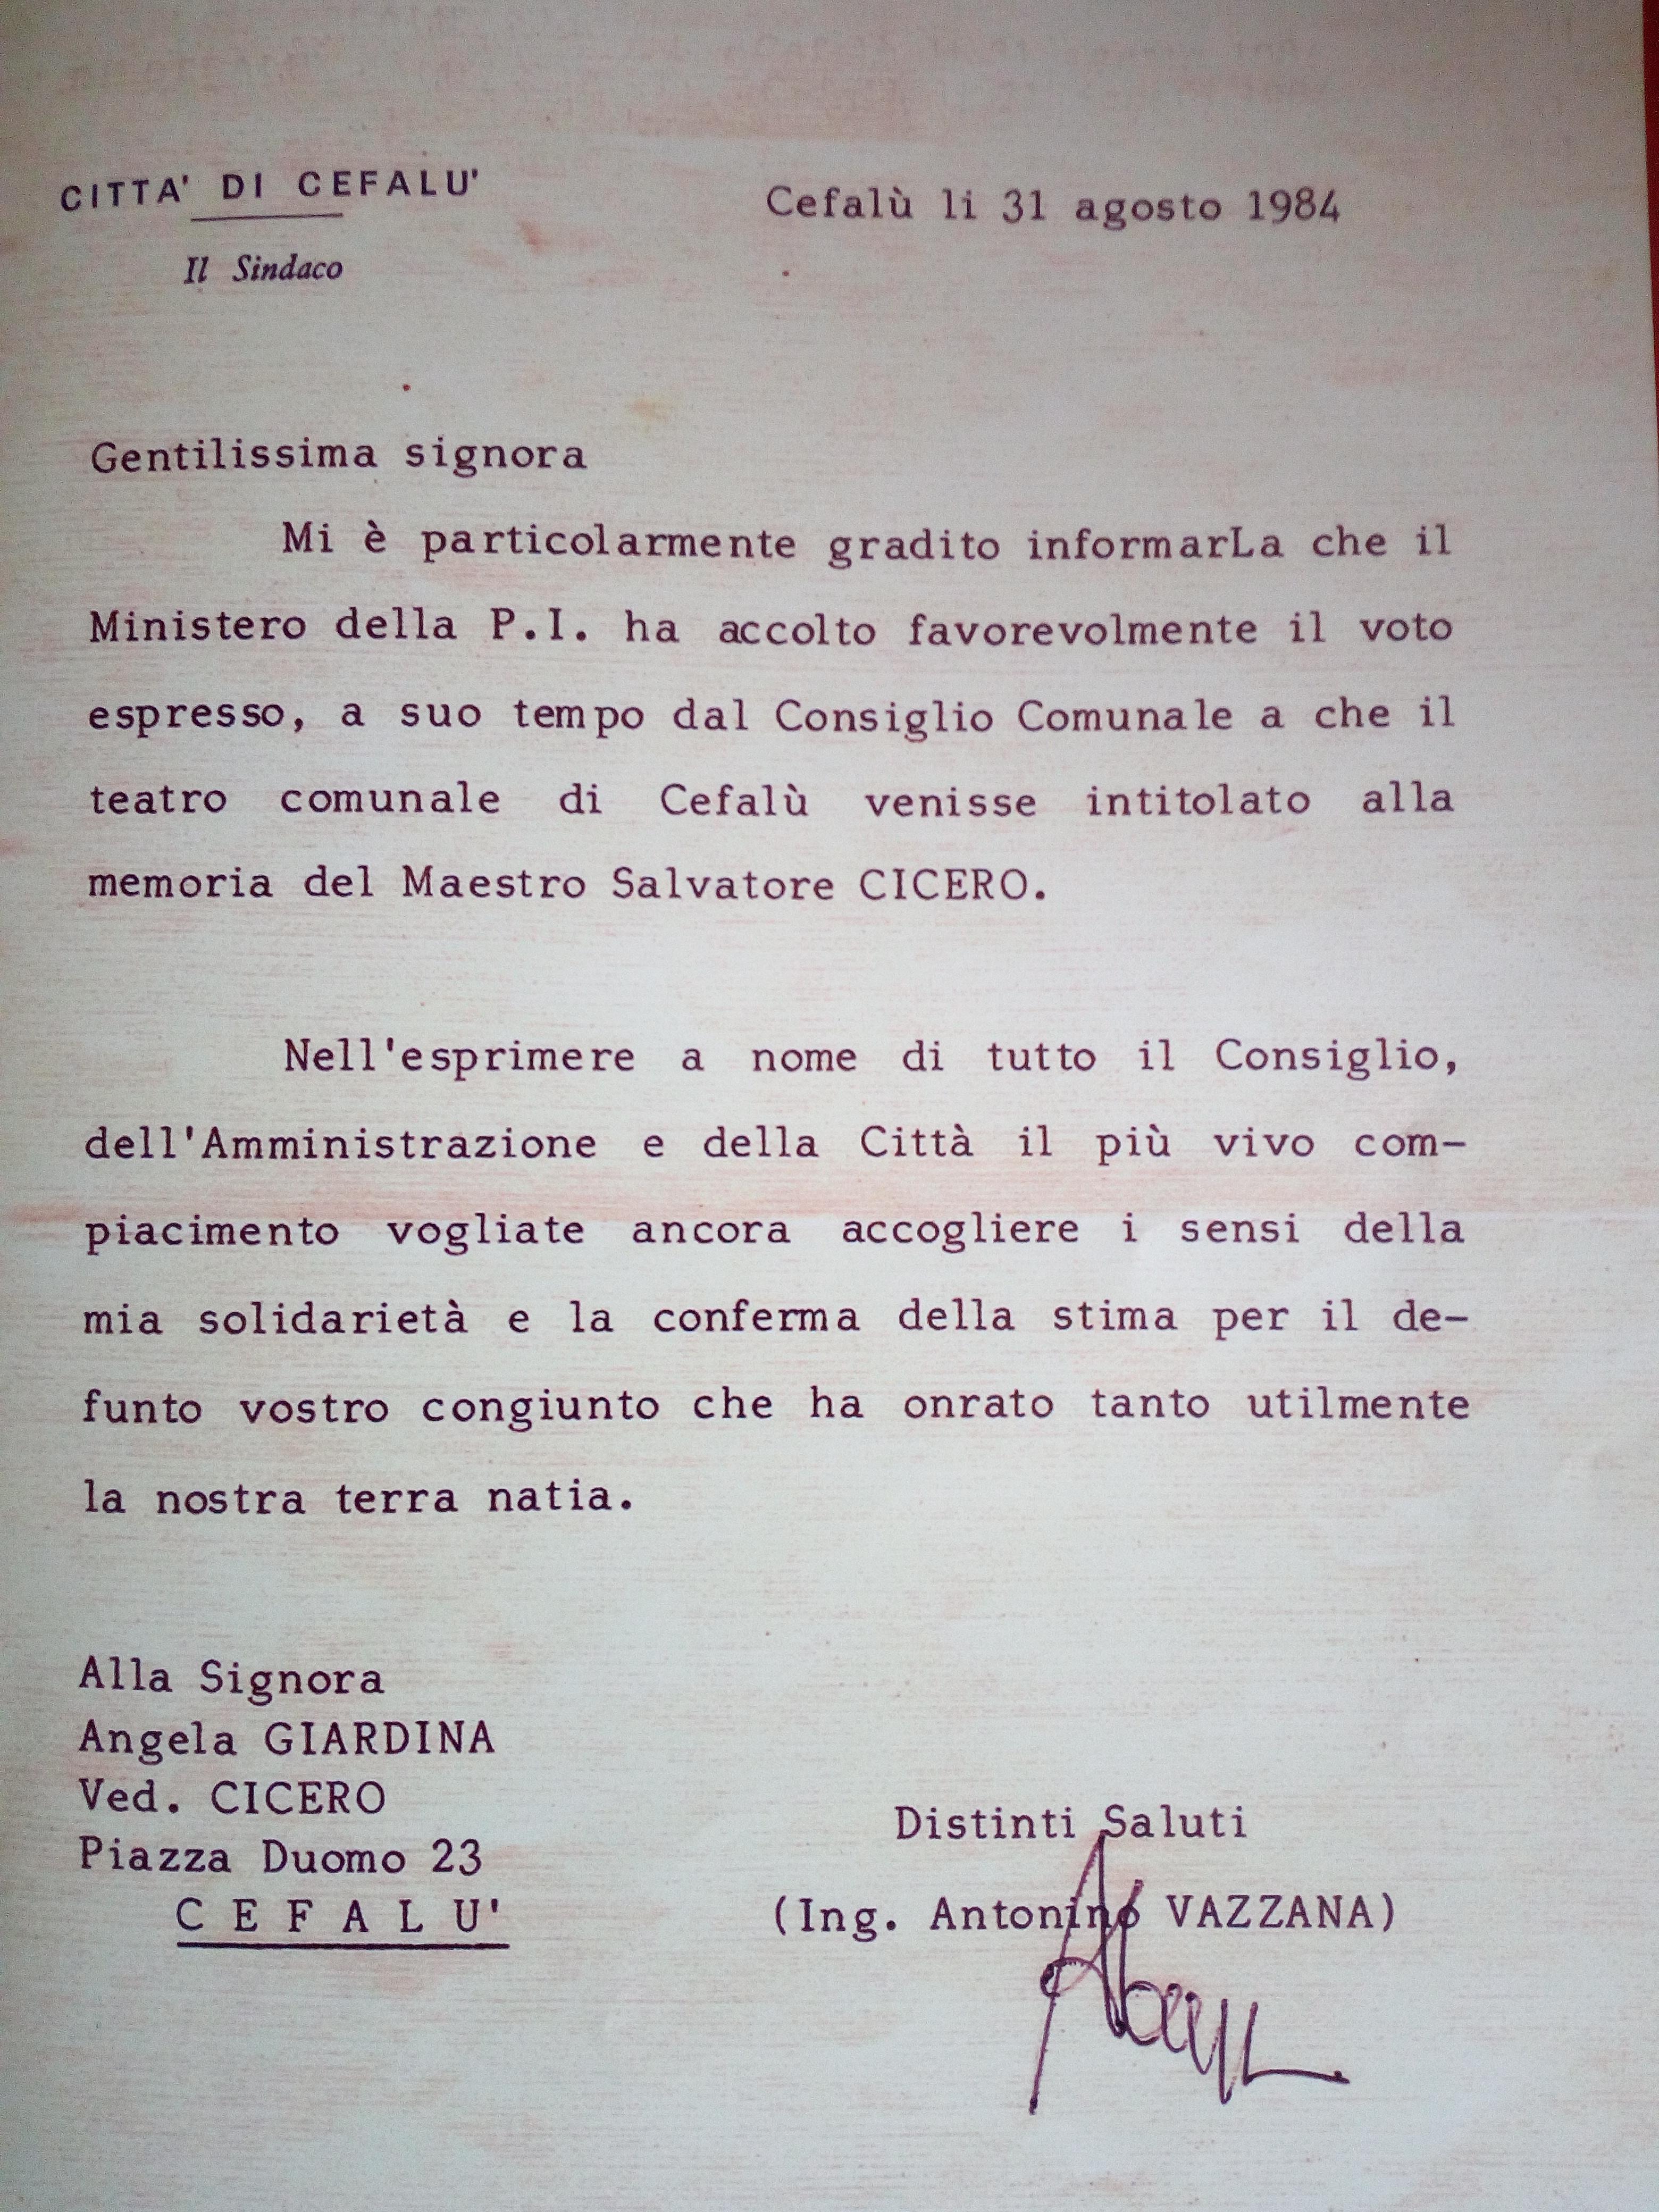 1984 La lettera che il sindaco Antonino Vazzana invia alla moglie di Salvuccio Cicero annunciandole il voto favorevole del ministro della P.I a suo tempo espresso dal Consiglio Comunale di Cefalù in cui viene intitolato il Teatro Comunale al grande M° Cefalutano Salvo Cicero.